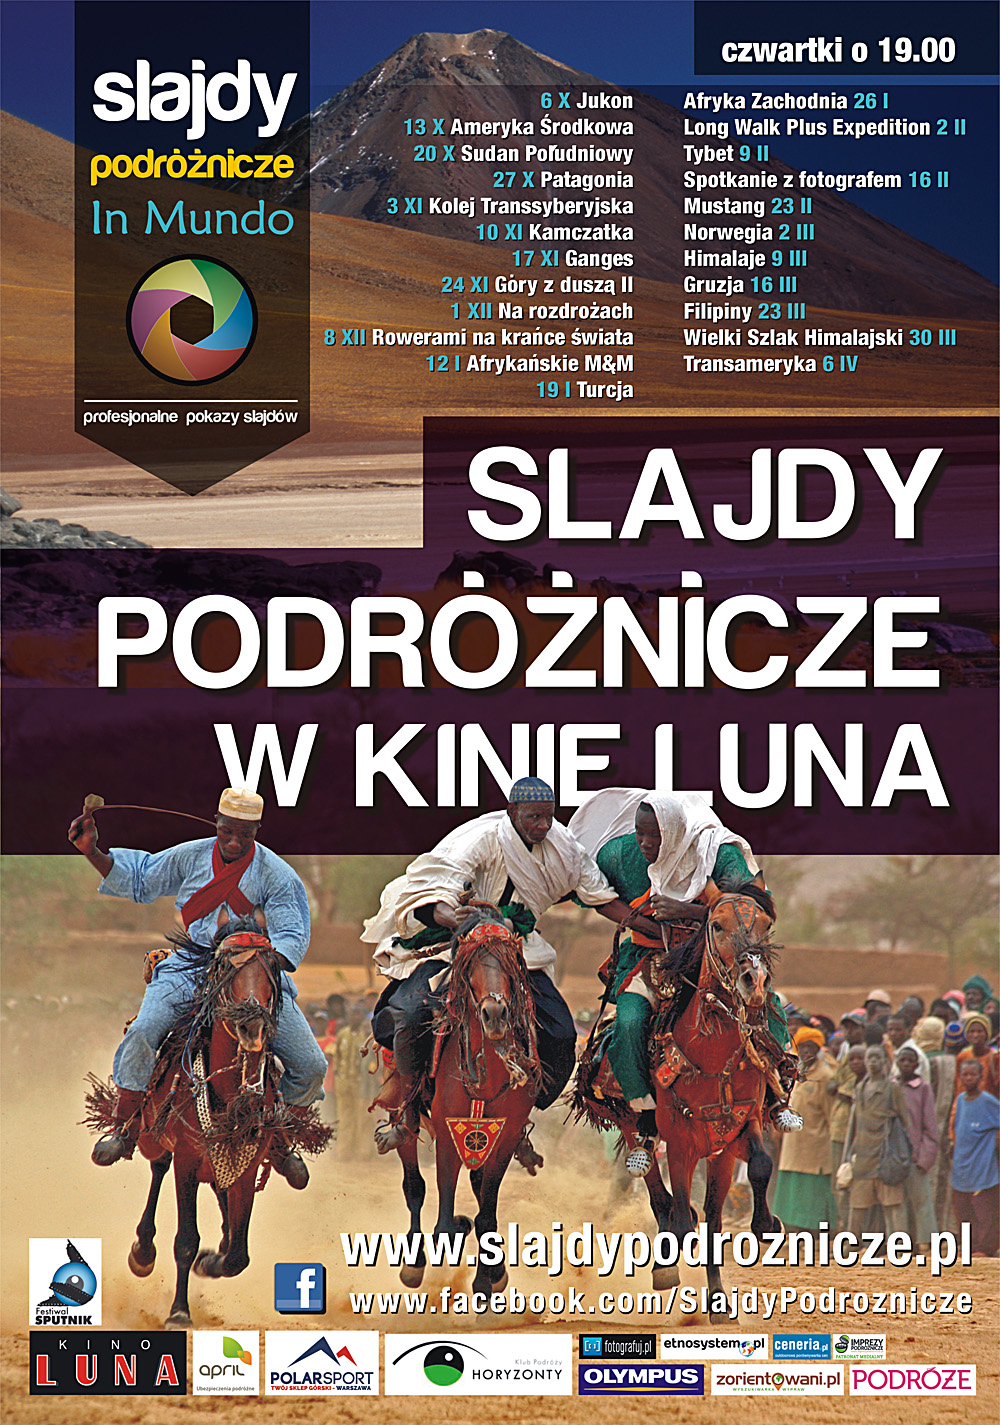 Slajdy Podróżnicze w kinie Luna - plakat